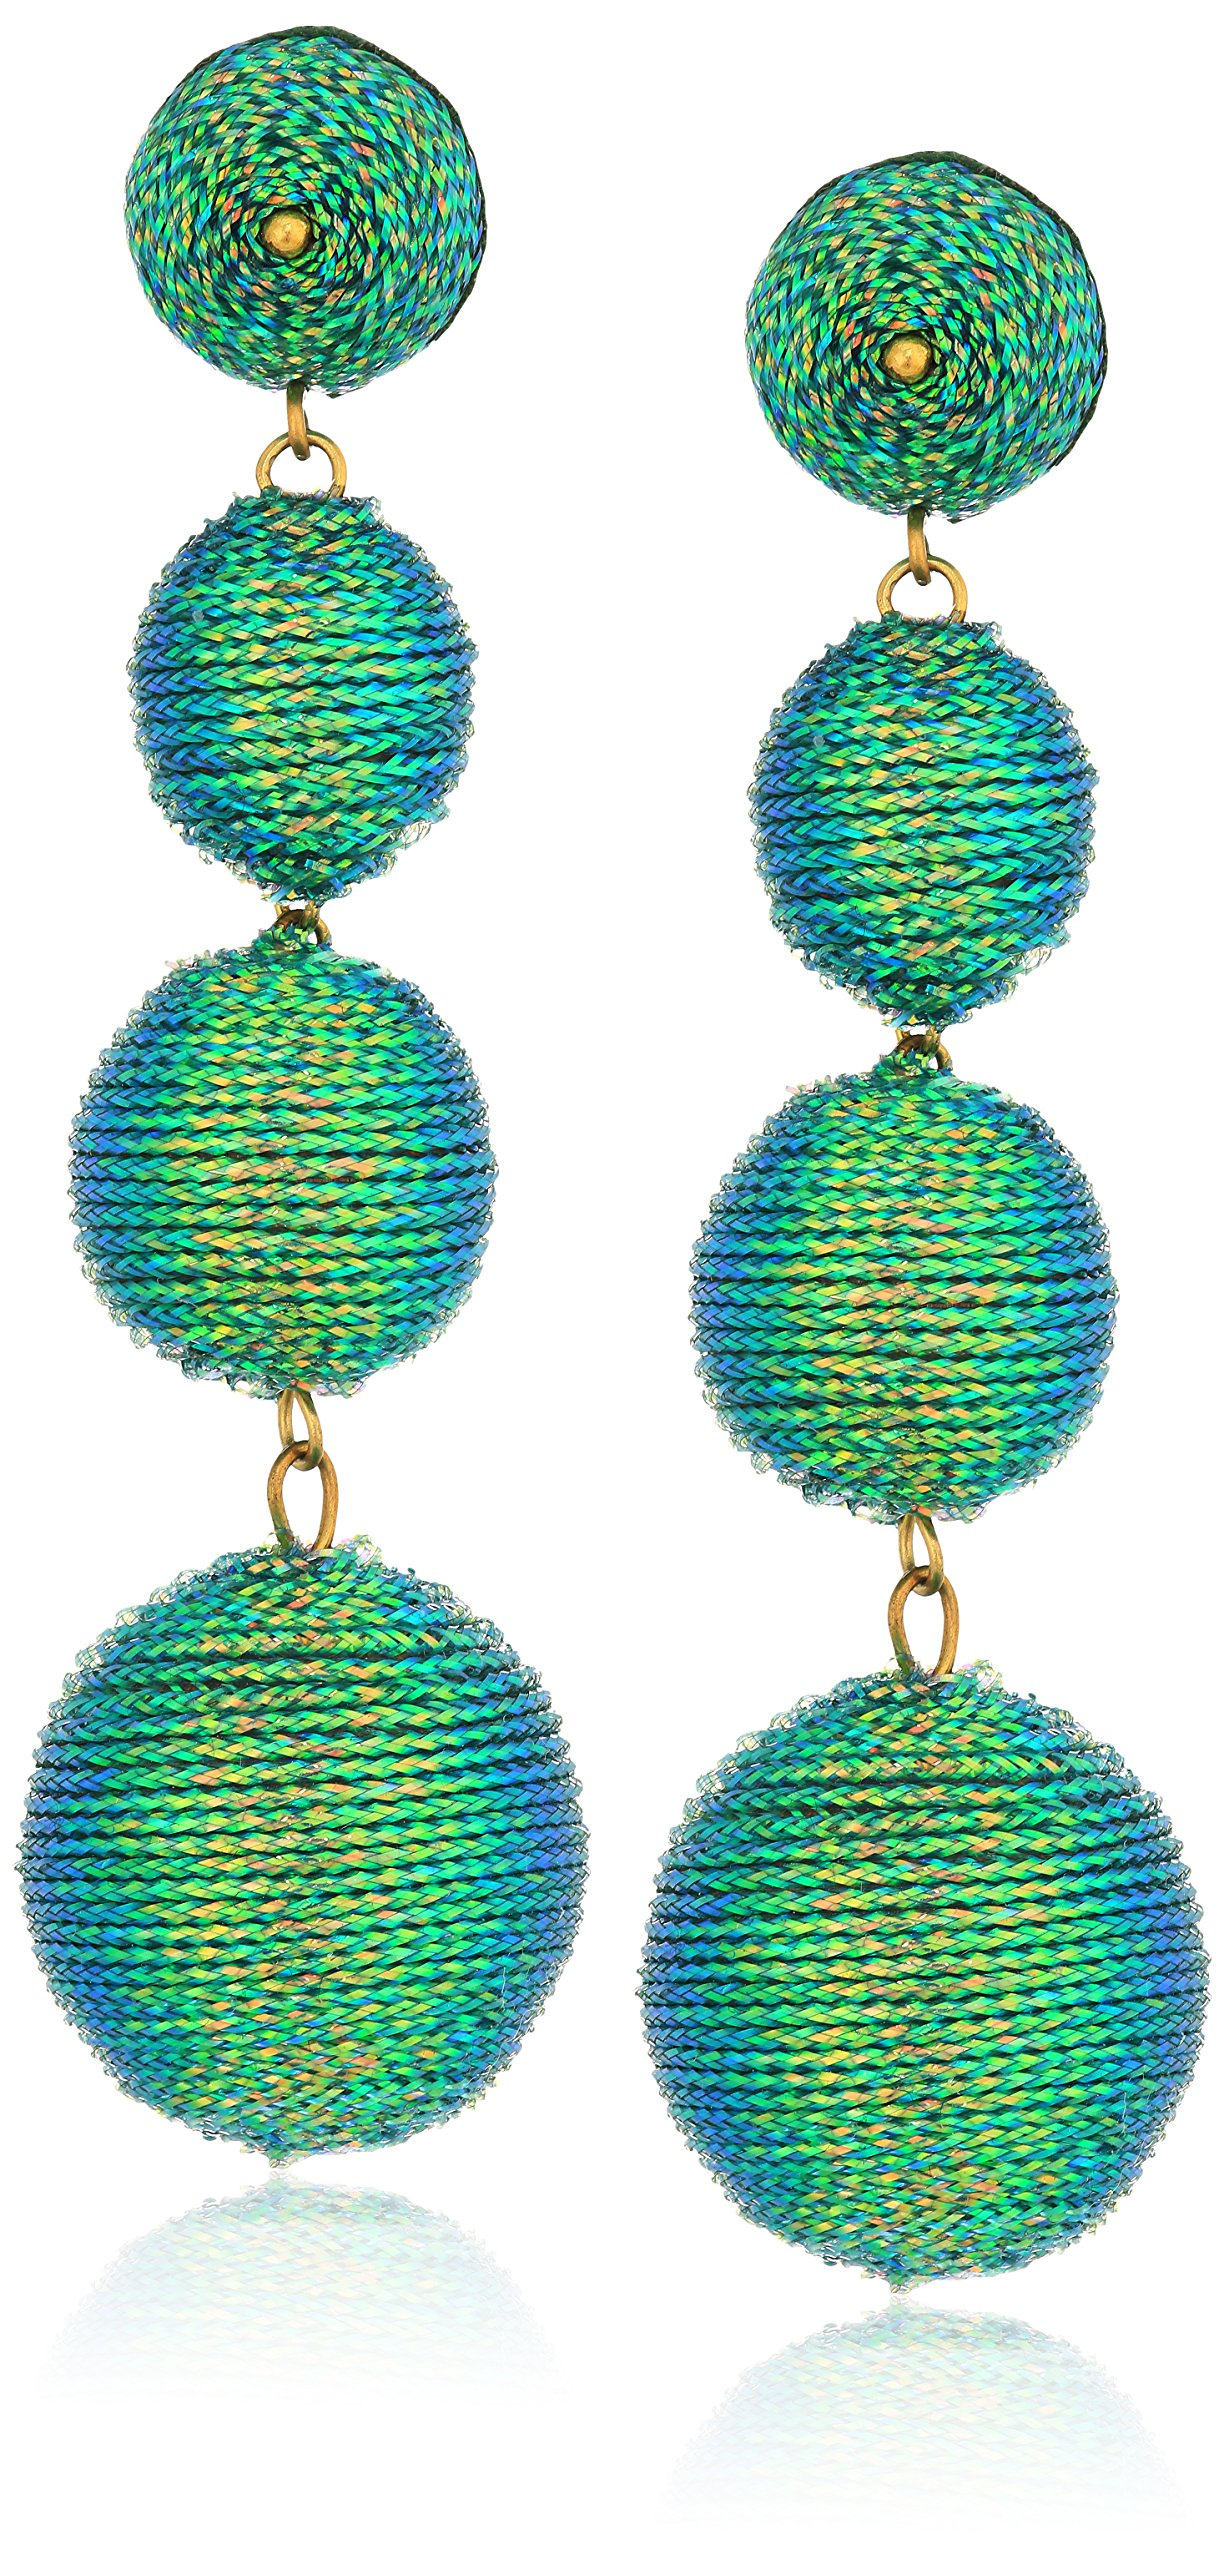 Kenneth Jay Lane Women's Green Threaded Ball Drop Earrings